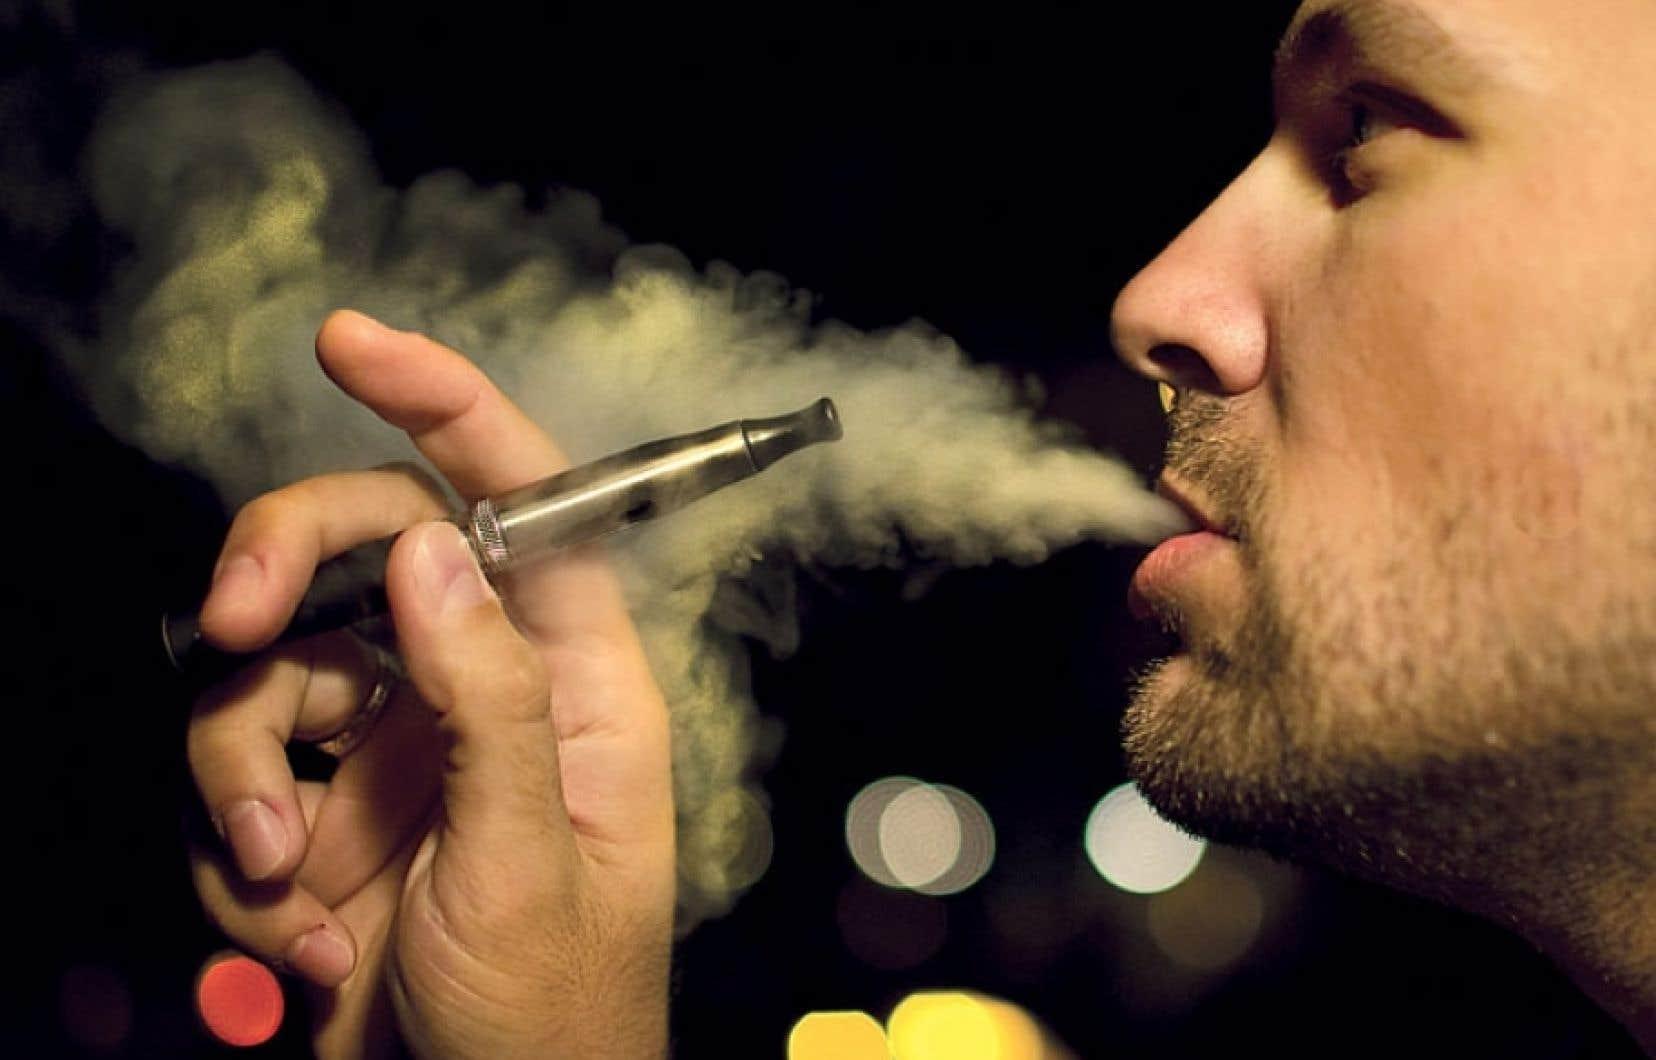 On ne sait que peu de choses de l'impact sur la santé des cigarettes électroniques, qui contiennent moins de substances toxiques que les cigarettes traditionnelles.